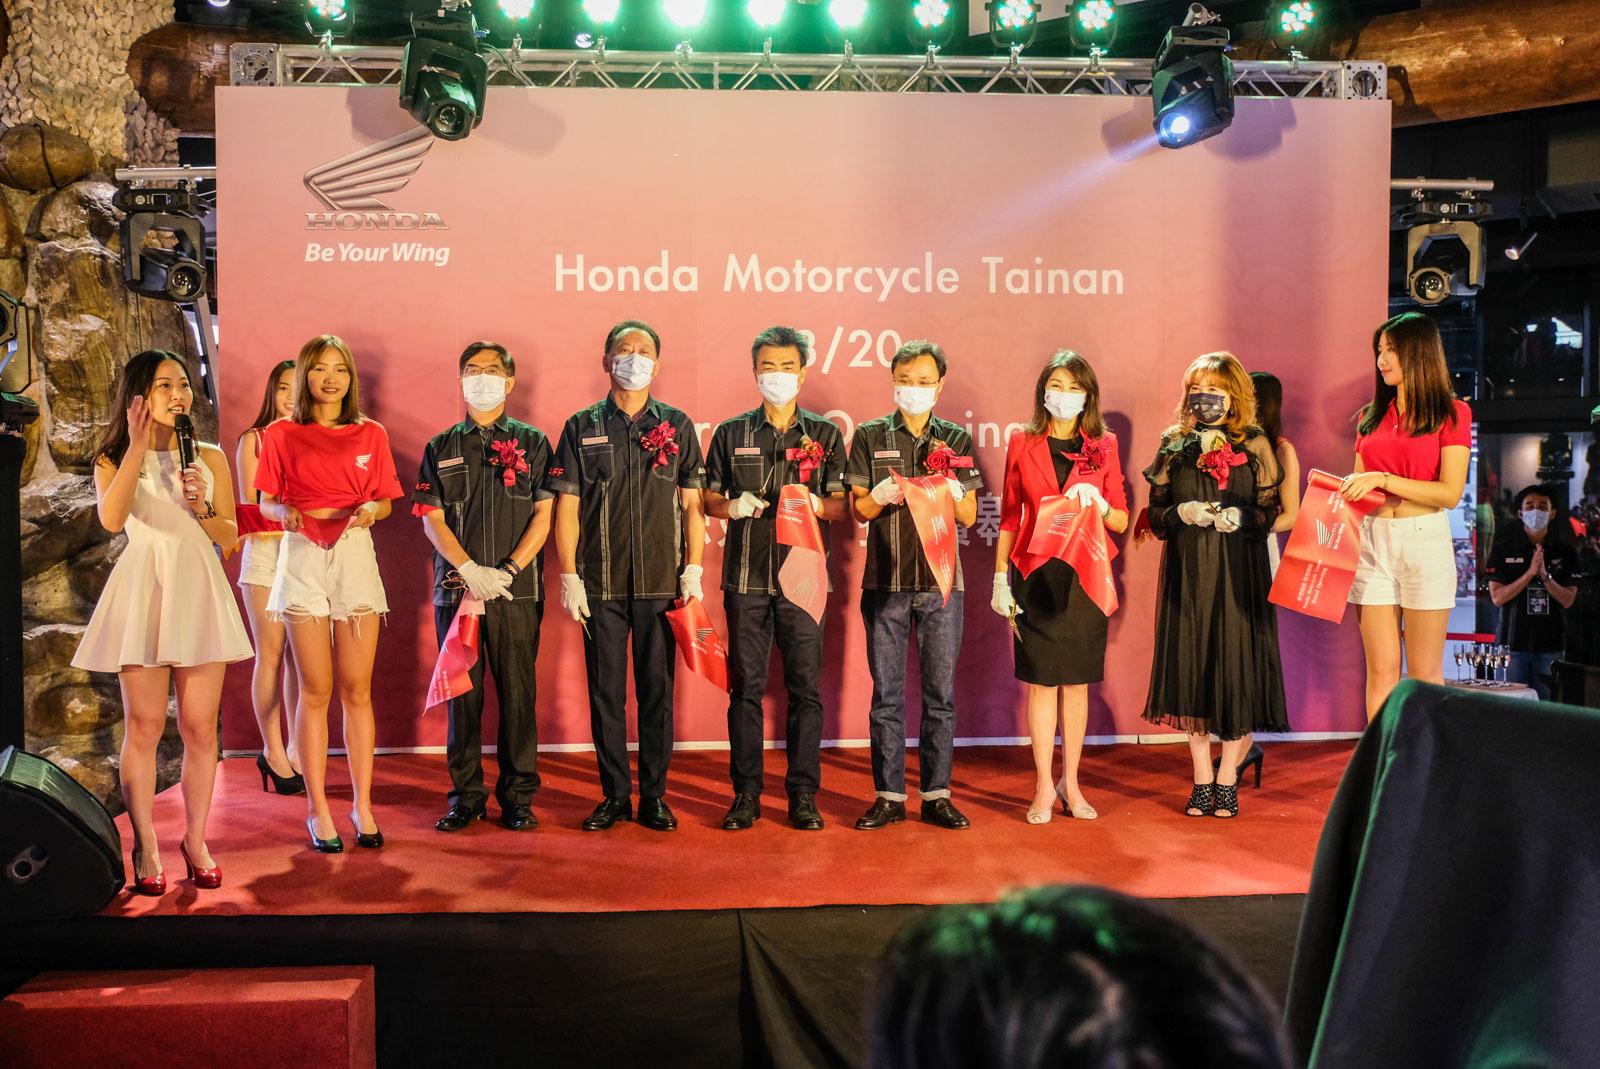 左至右 Honda Taiwan 顧客服務部 張英忠 部長 四輪營業部 暨 二輪事業部 李瑞宏 部長 隆陽汽車股份有限公司 謝建隆董事長 Honda Taiwan 董事長 豐田 誠。